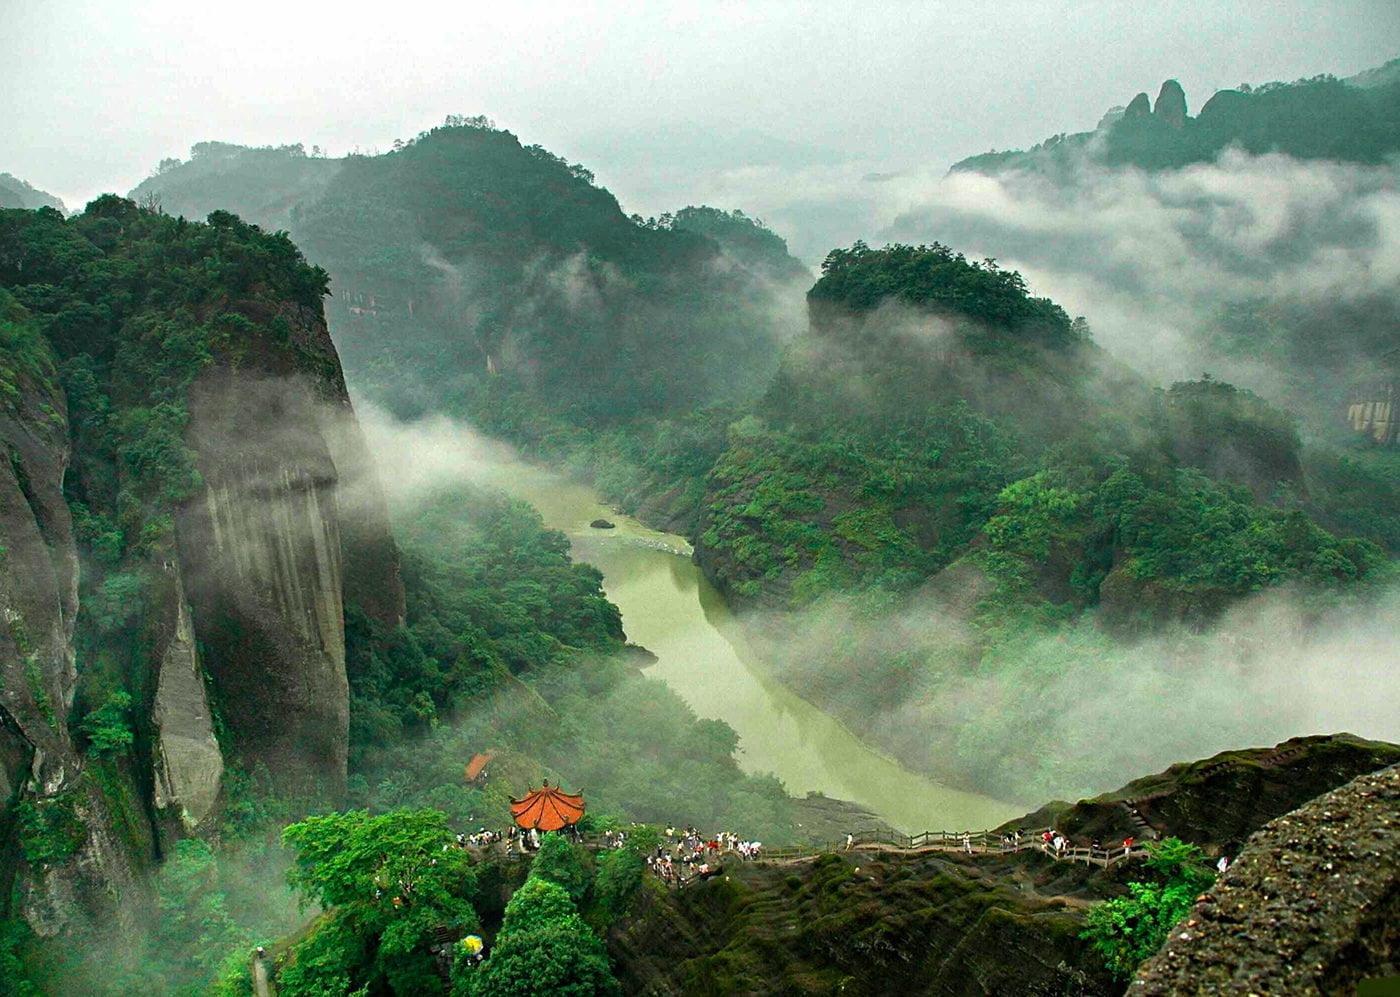 Семейство Да Хун Пао и горы Уишань.